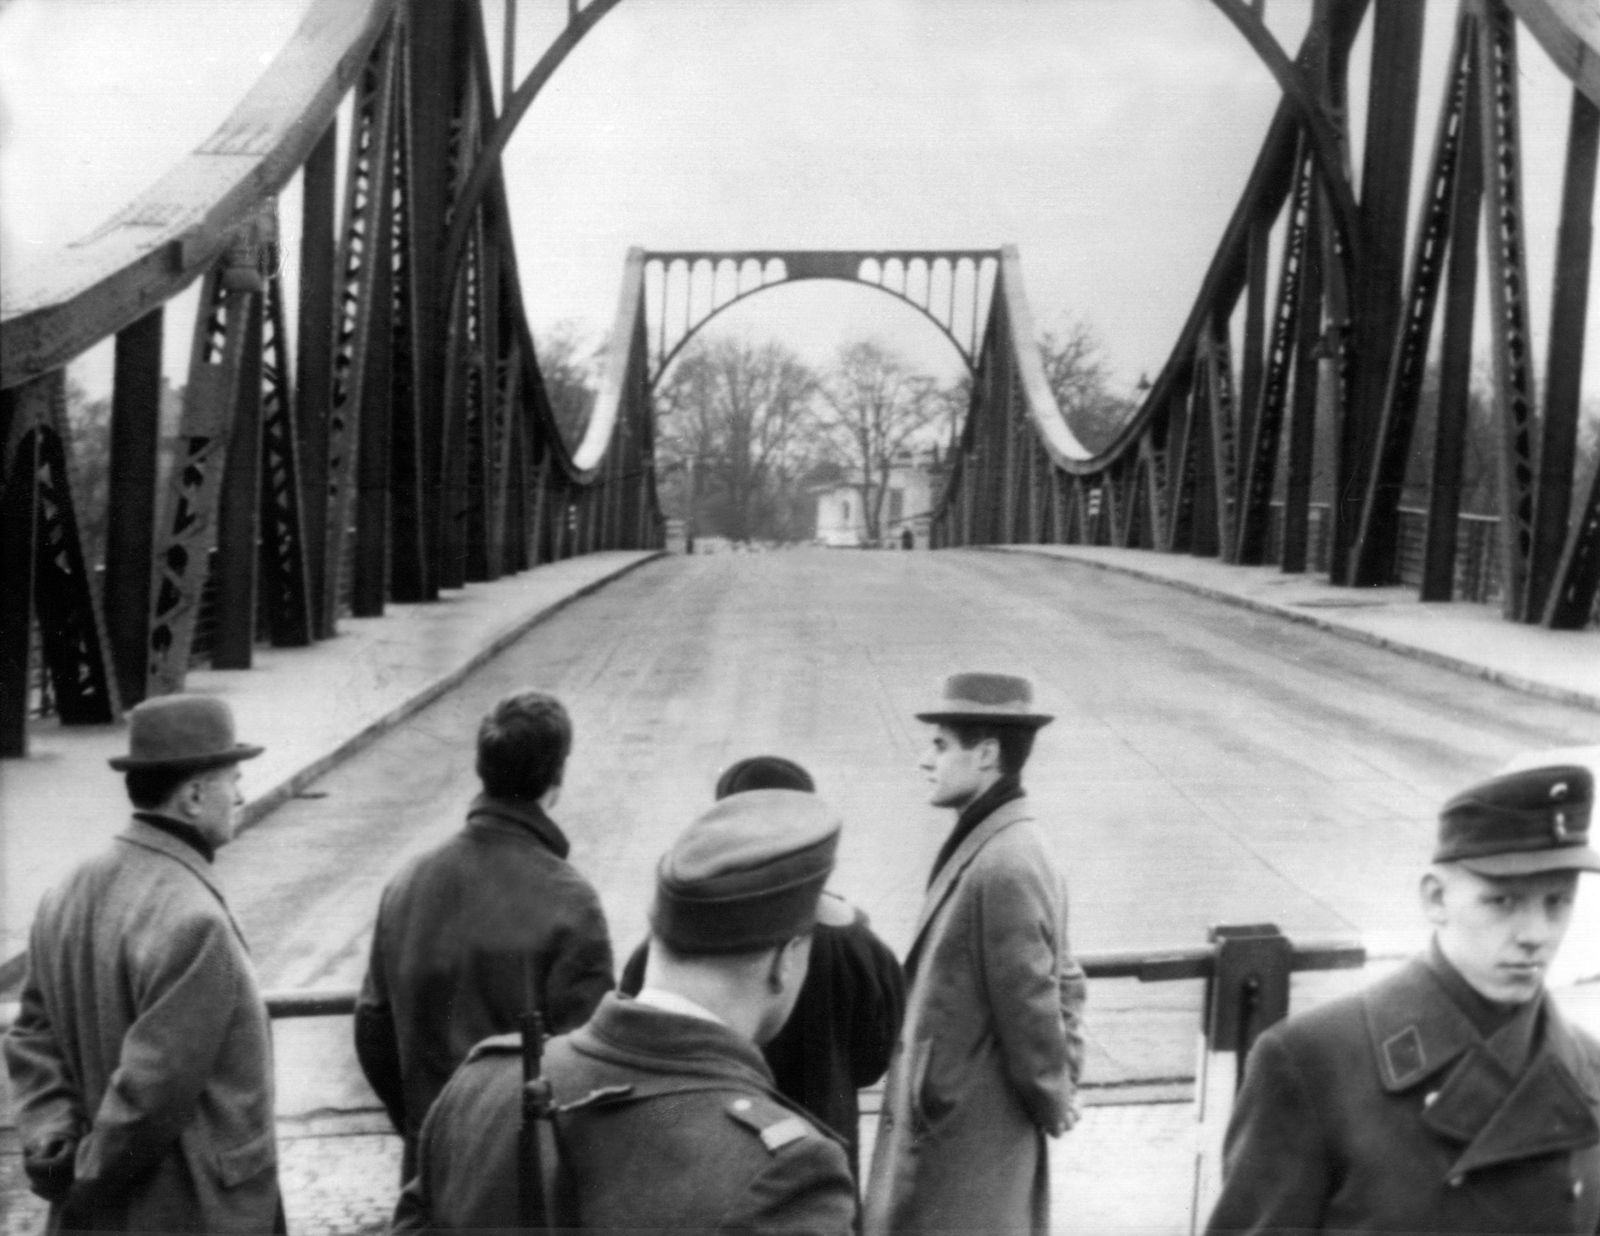 Agentenaustausch Glienicker Brücke 1962